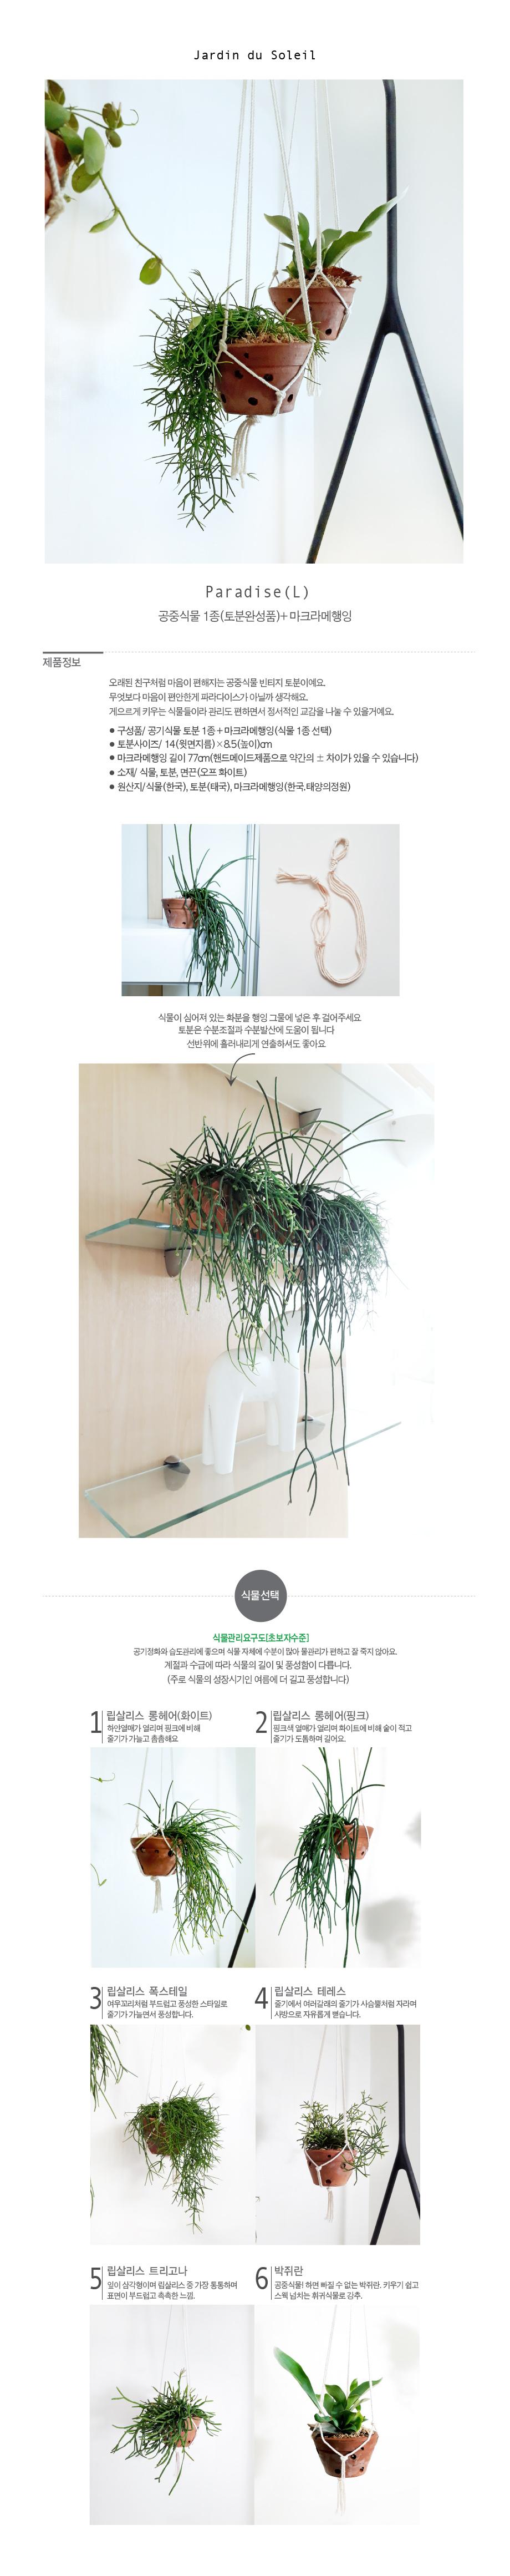 Paradise L-공중식물 1종 마크라메행잉 - 태양의 정원, 27,750원, 허브/다육/선인장, 수경식물/에어플란트